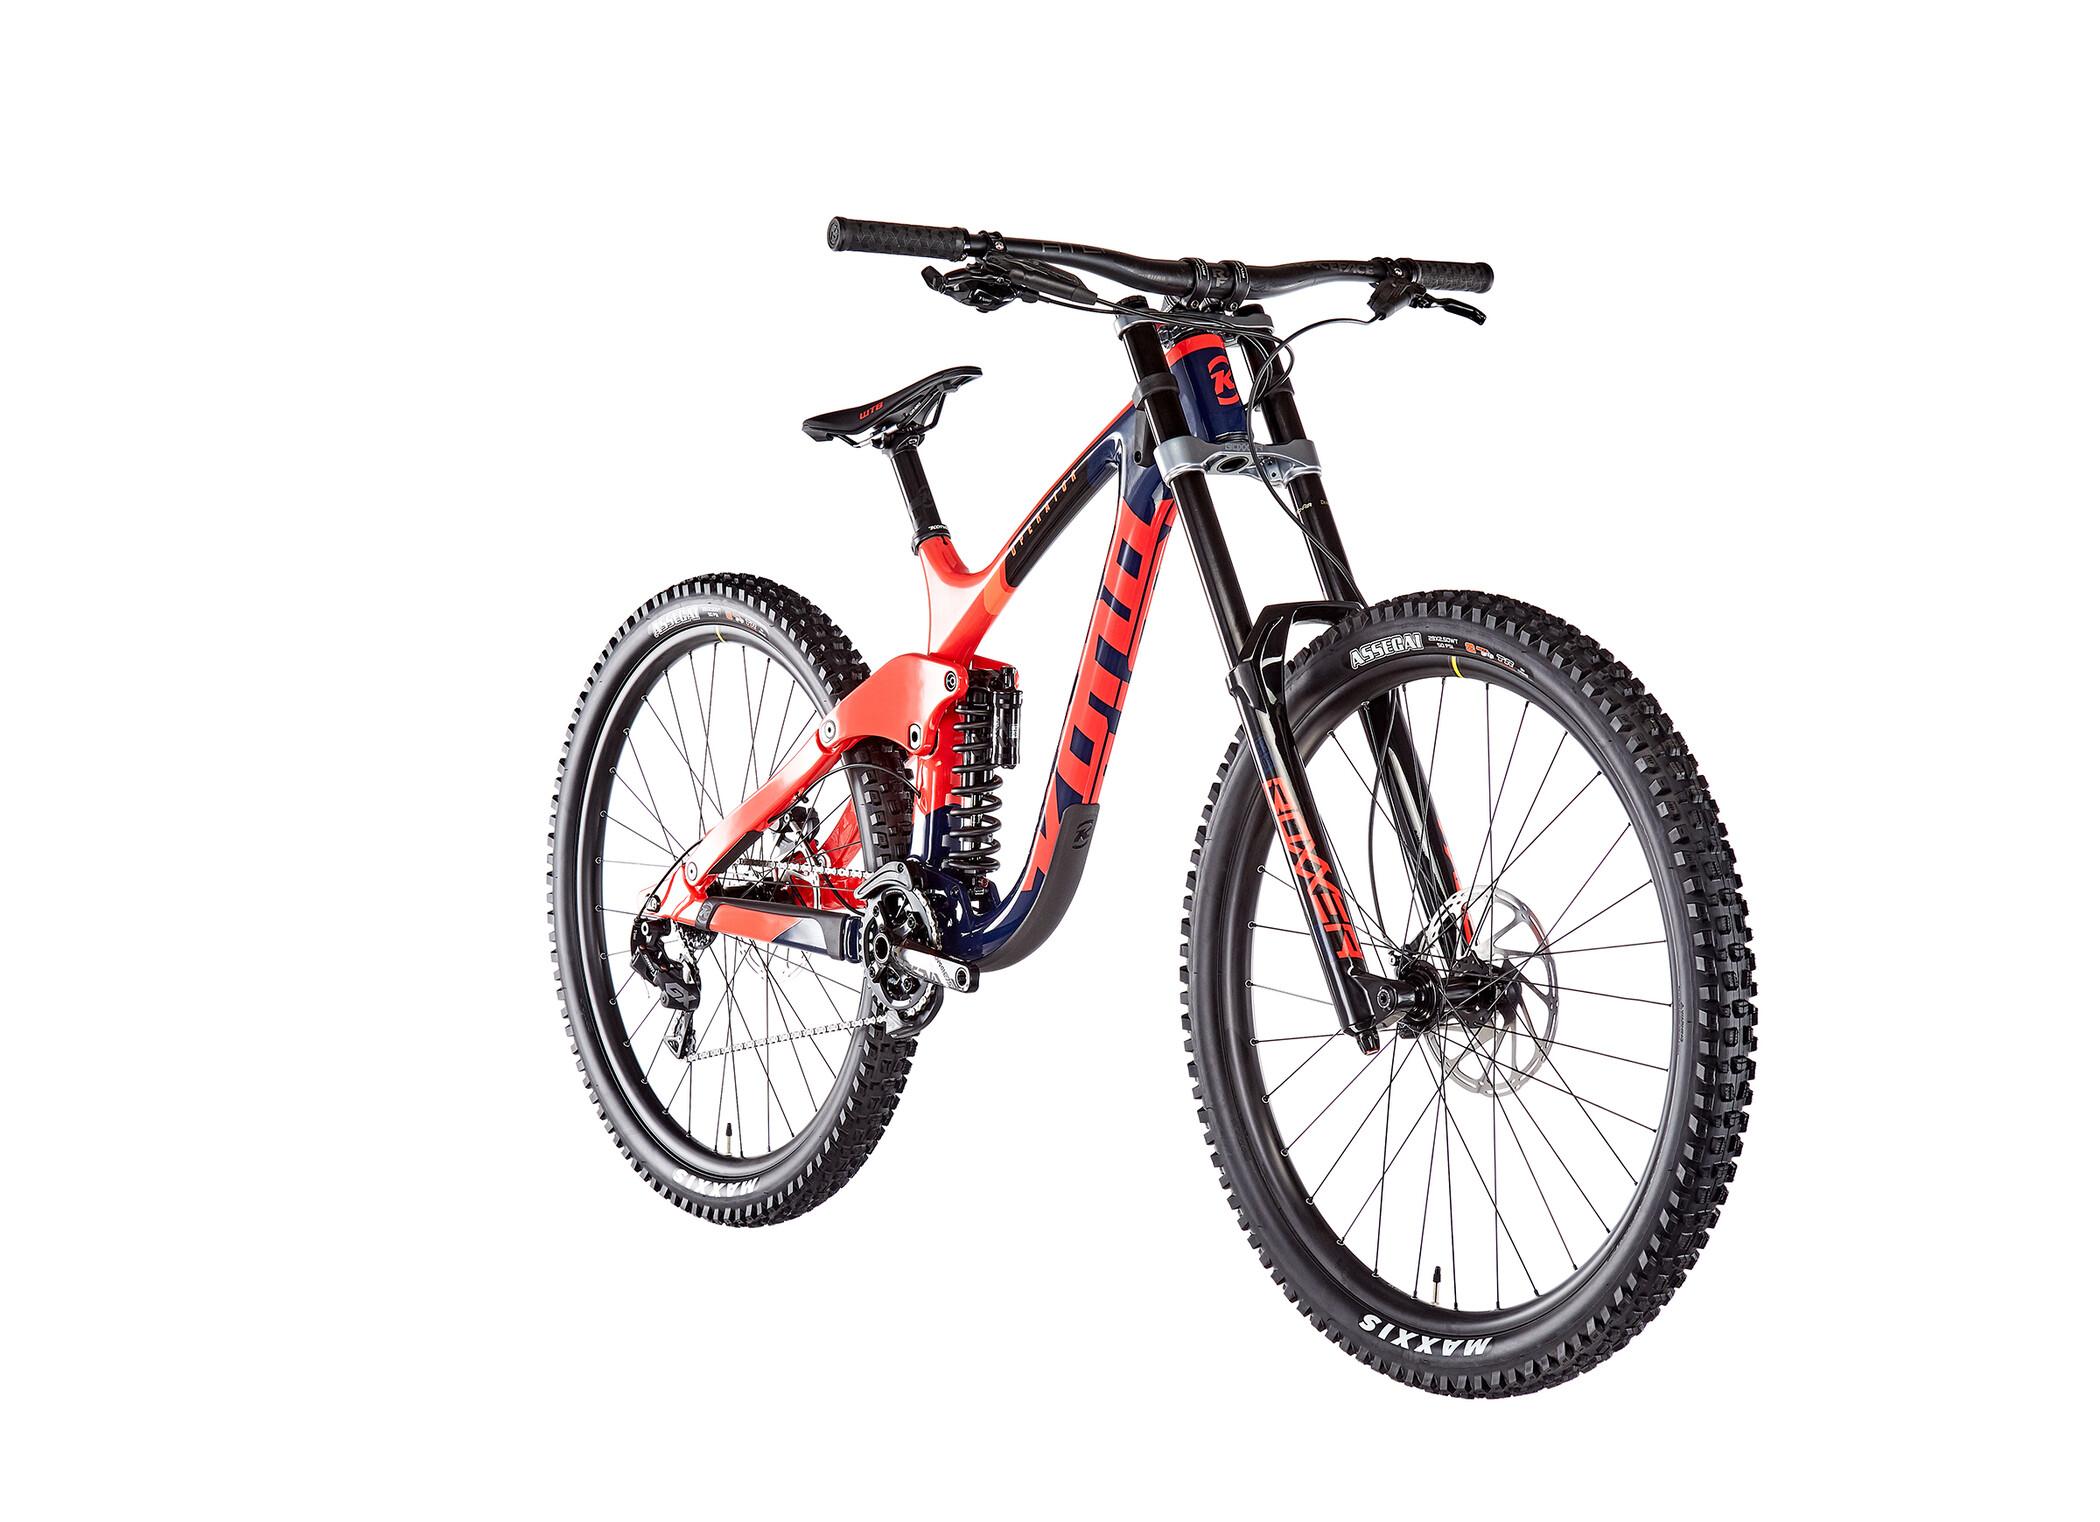 Downhill Bikes günstig kaufen | bikester.at